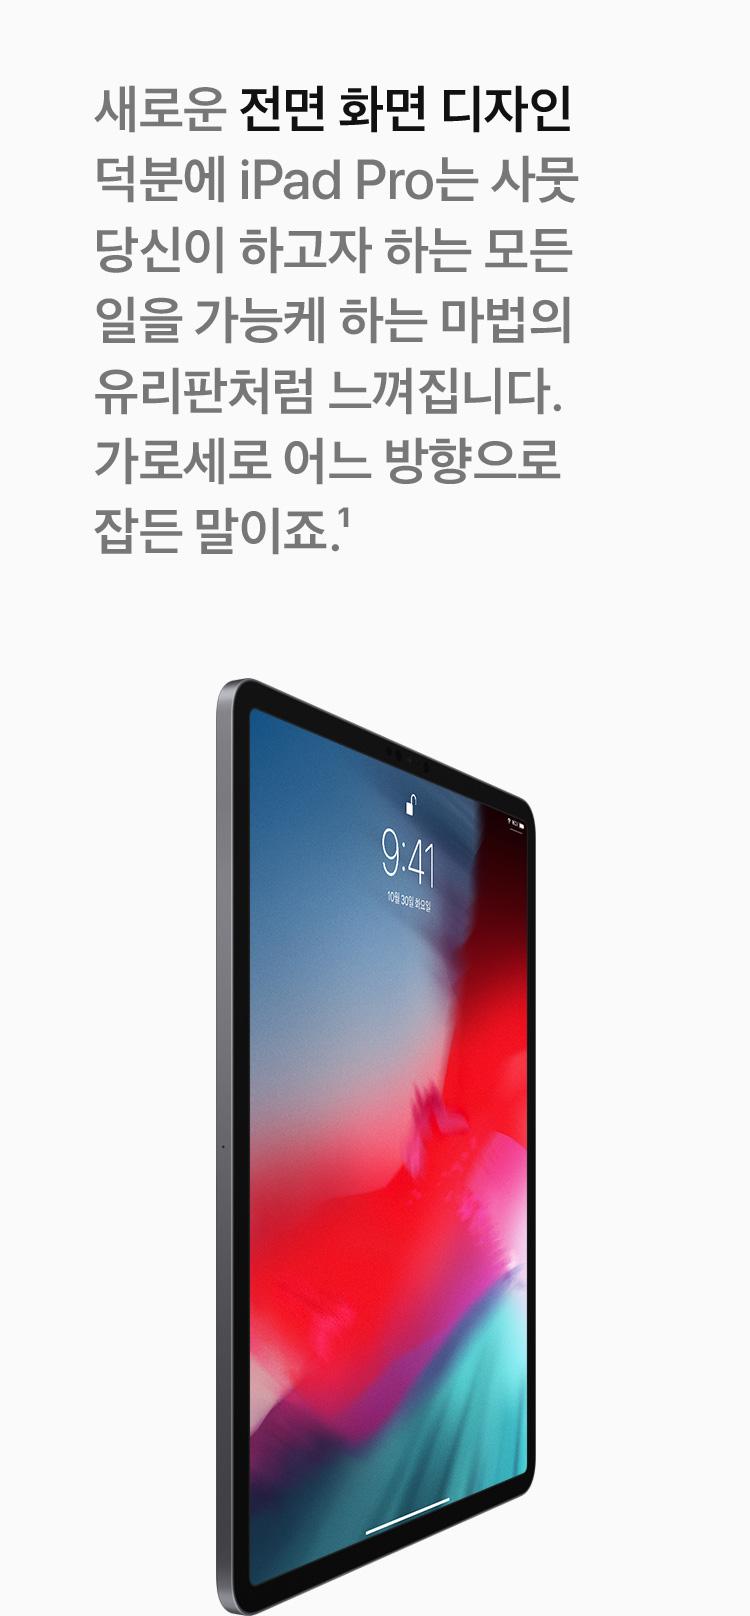 새로운 전면 화면디자인 덕분에 iPad Pro는 사뭇 당신이 하고자 하는 모든 일을 가능케 하는 마법의 유리판처럼 느껴집니다. 가로세로 어느 방향이든 말이죠.